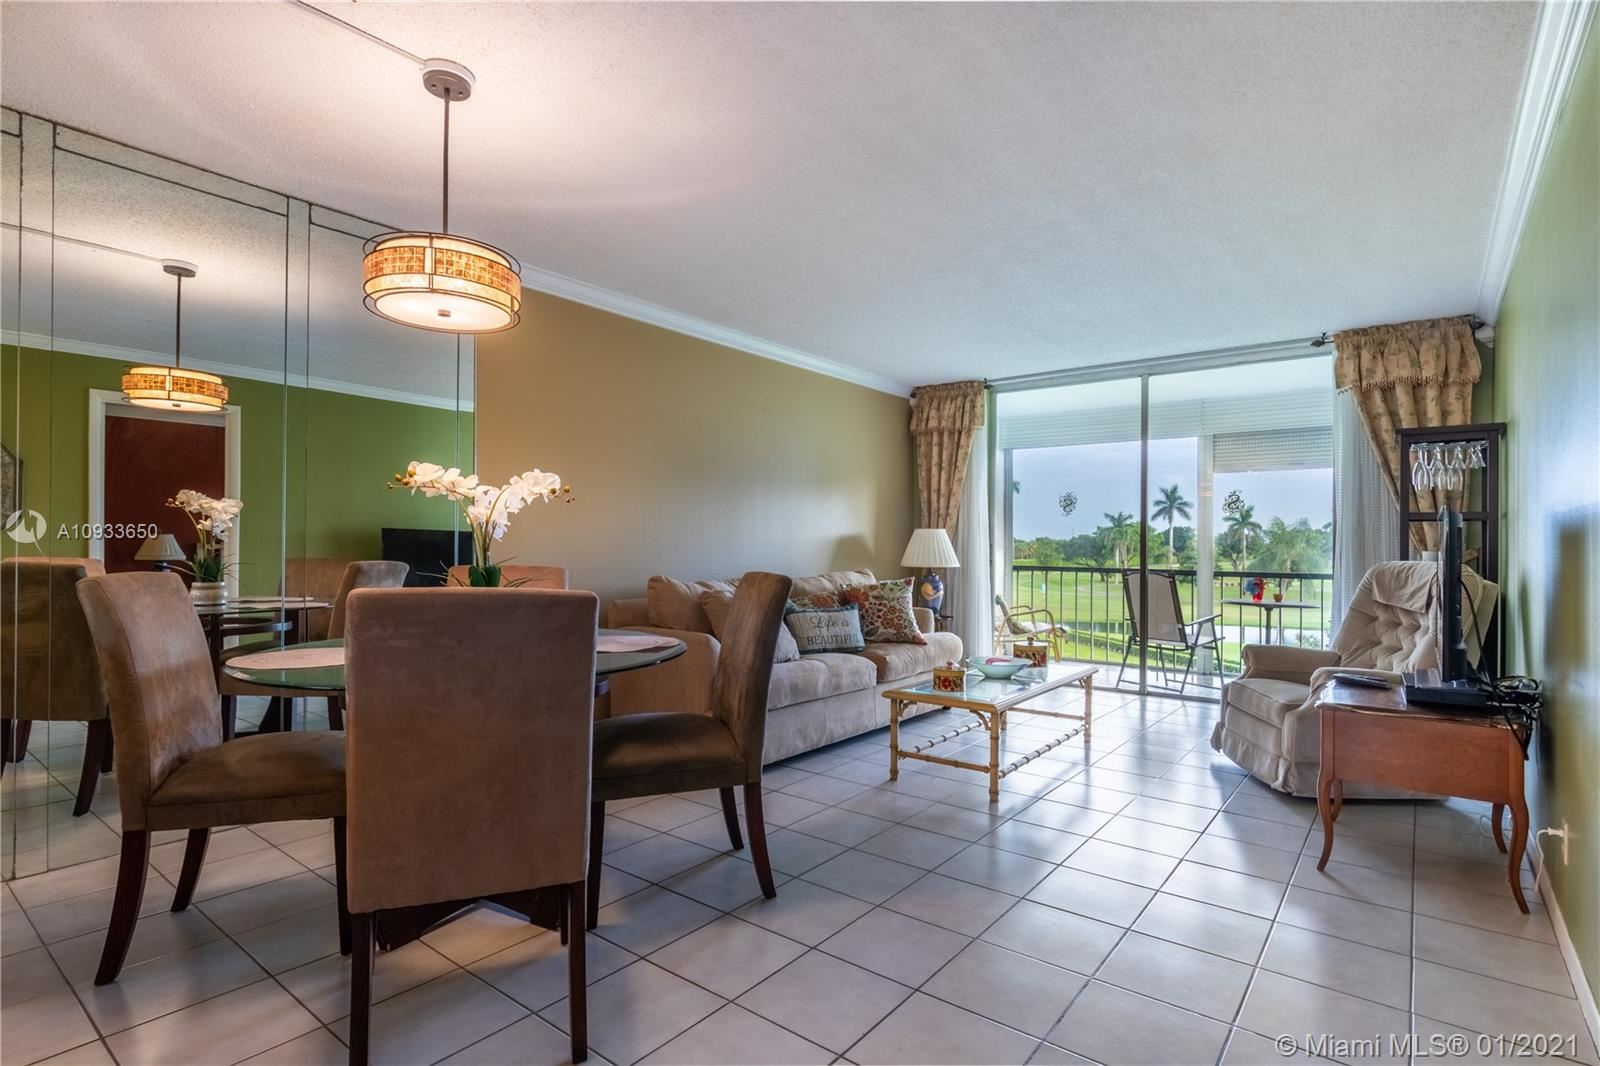 8900 Washington Blvd #310, Pembroke Pines, FL 33025 - #: A10933650